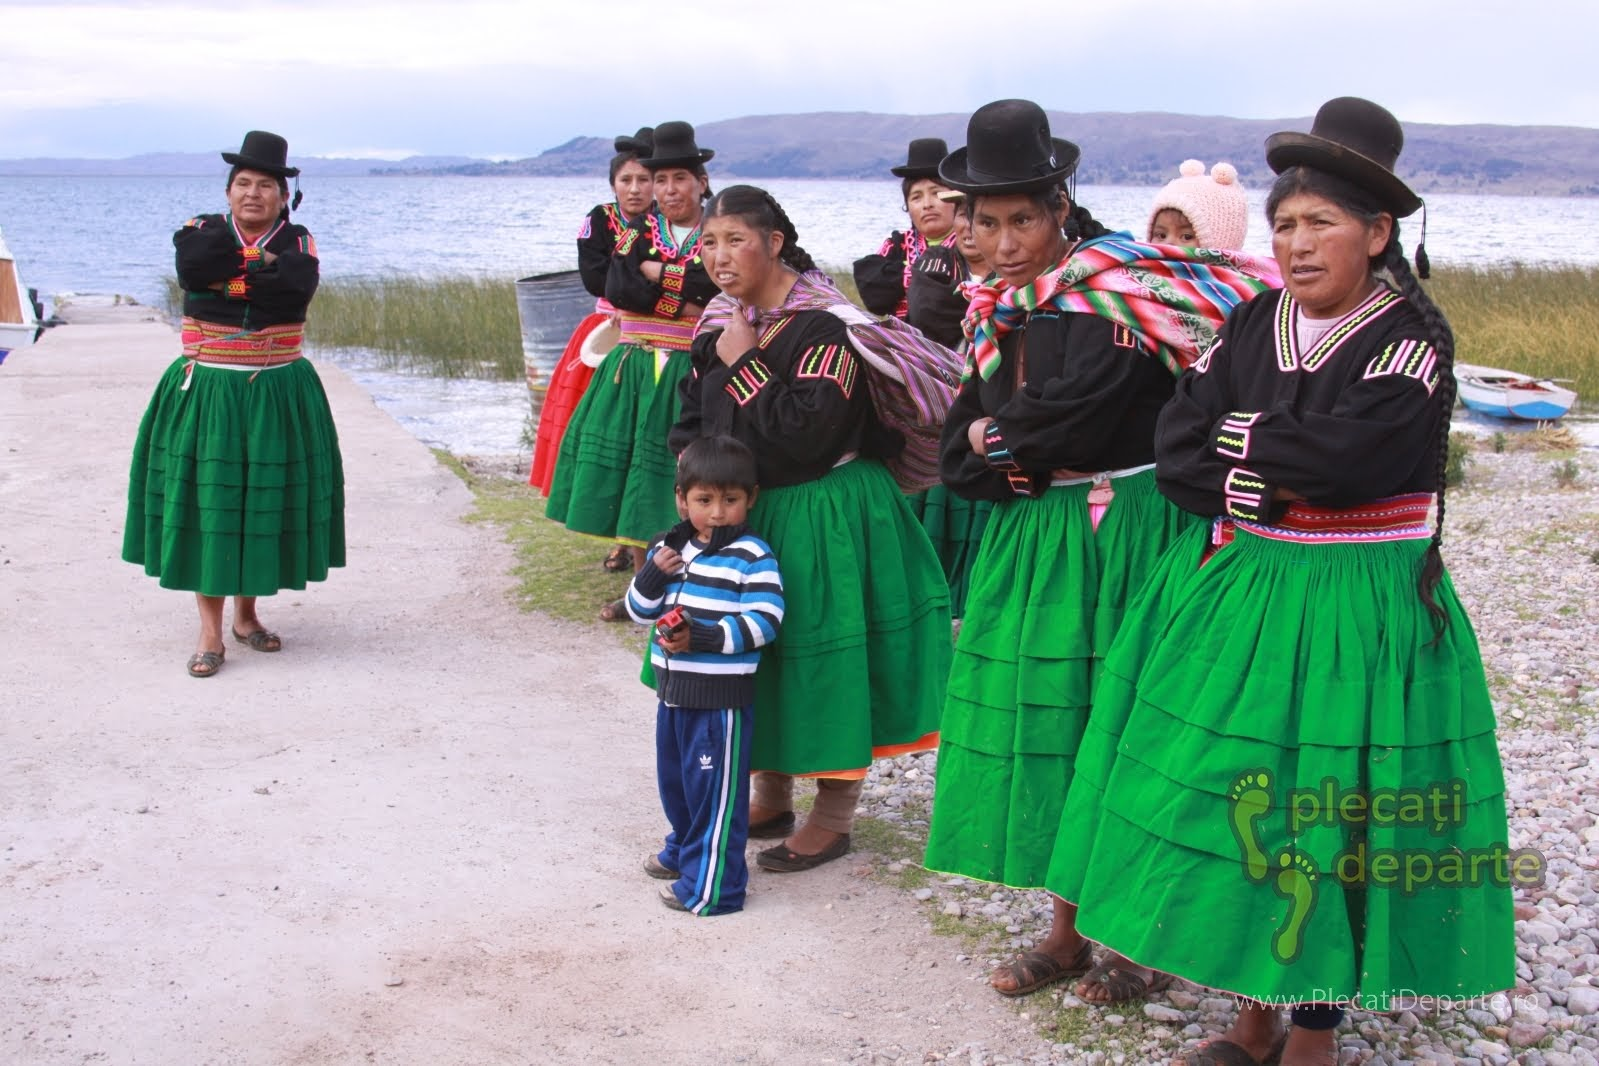 Gazdele din Laquina Chico, ne asteptau pe malul Lacului Titicaca, la 4000m